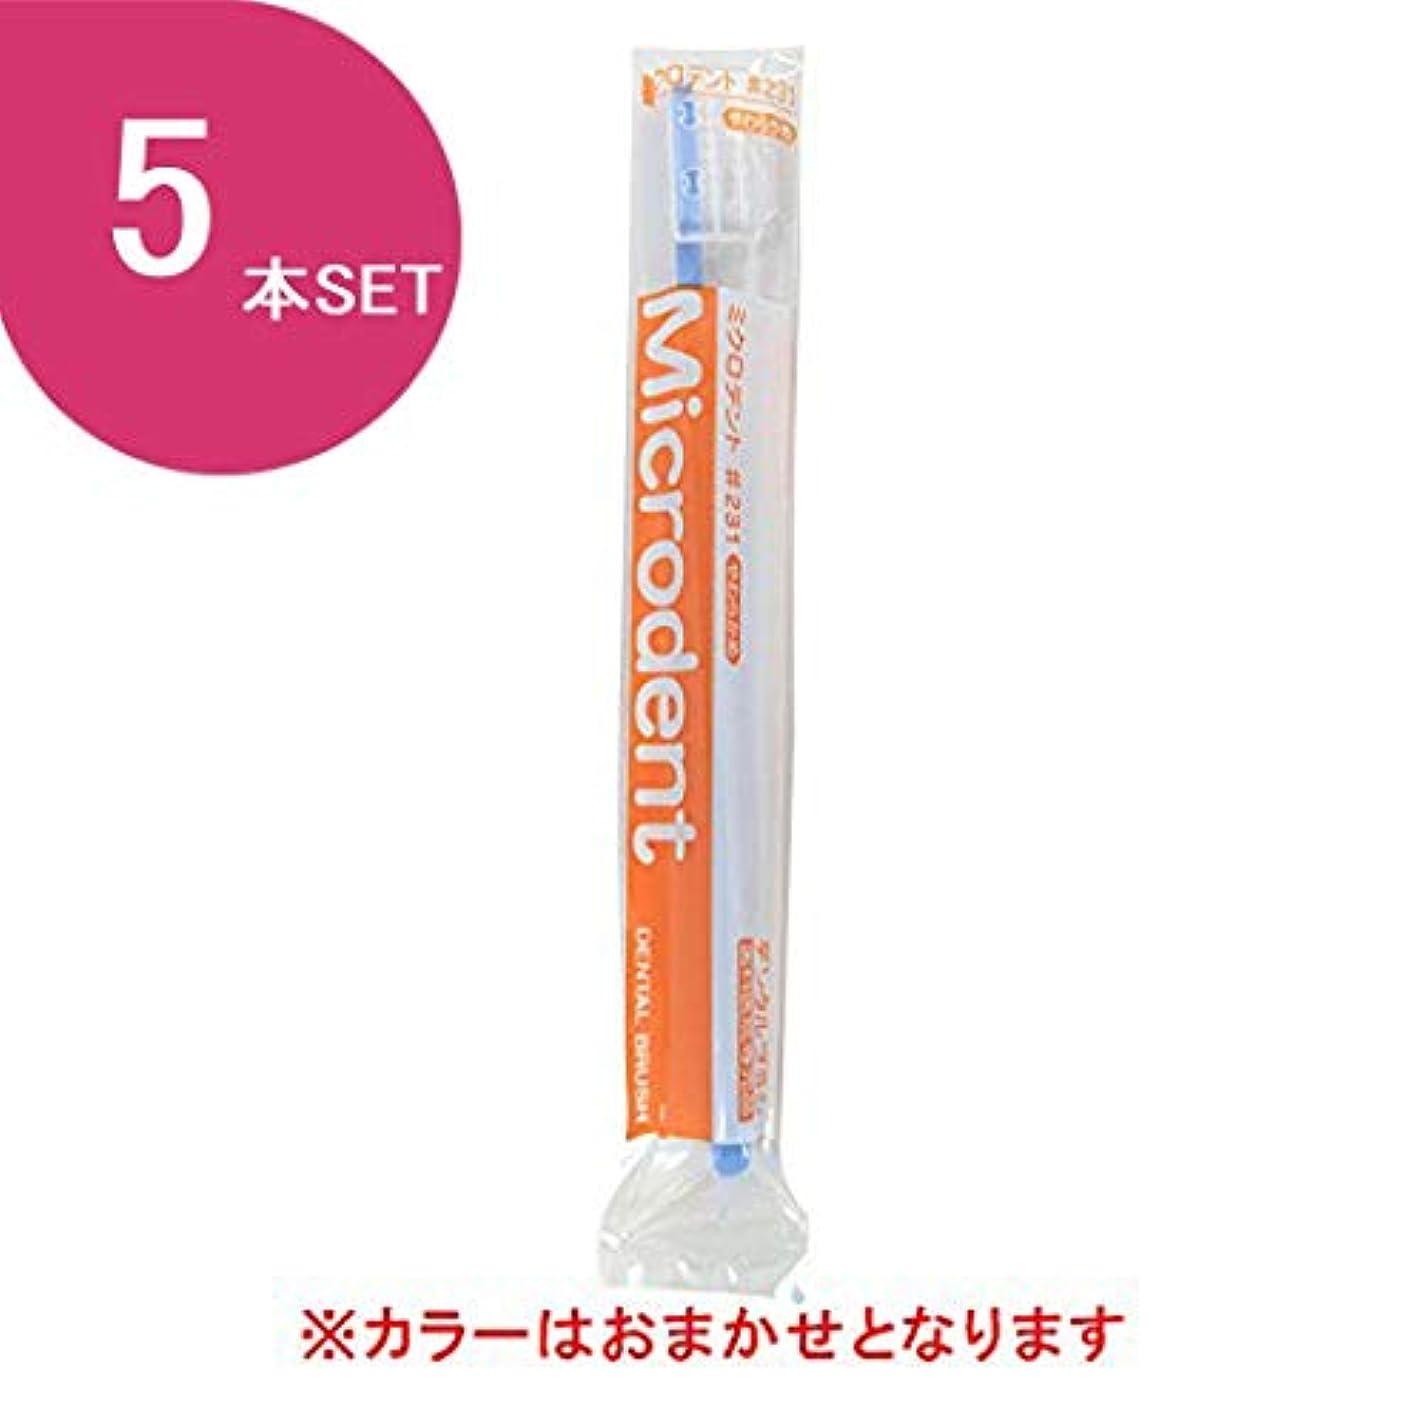 パフ見込み恥白水貿易 ミクロデント(Microdent) 5本 (#231)